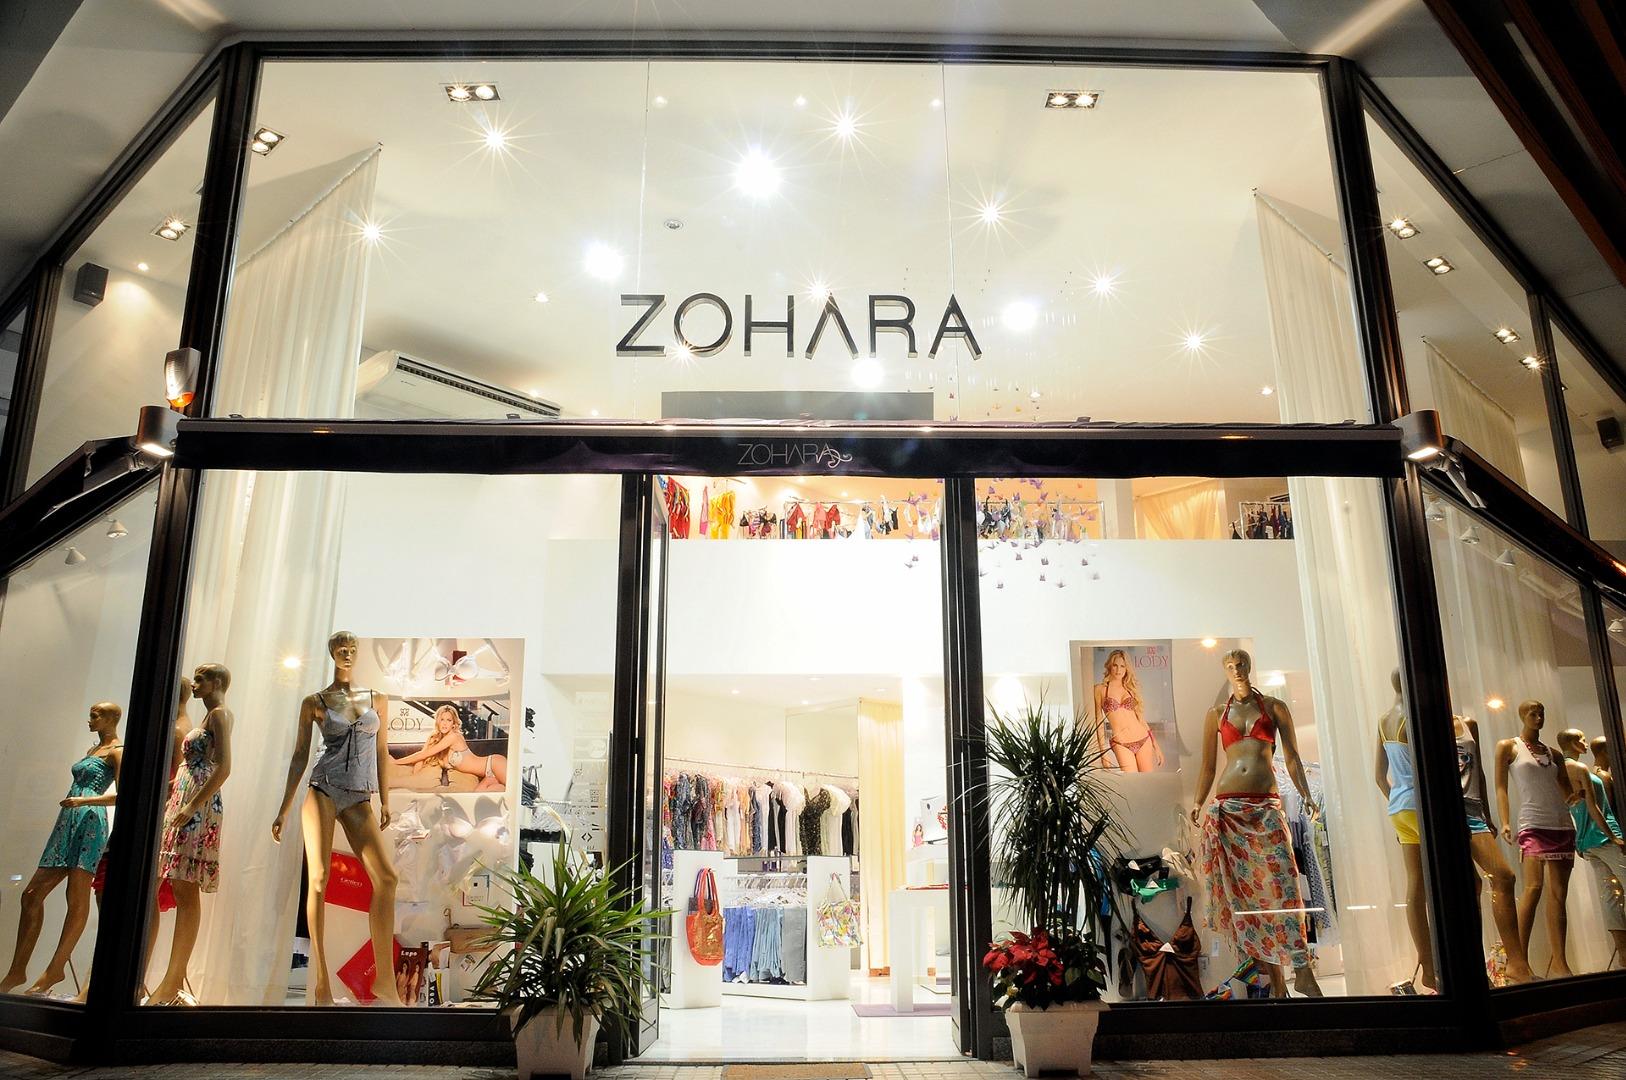 Galeria de fotos Zohara